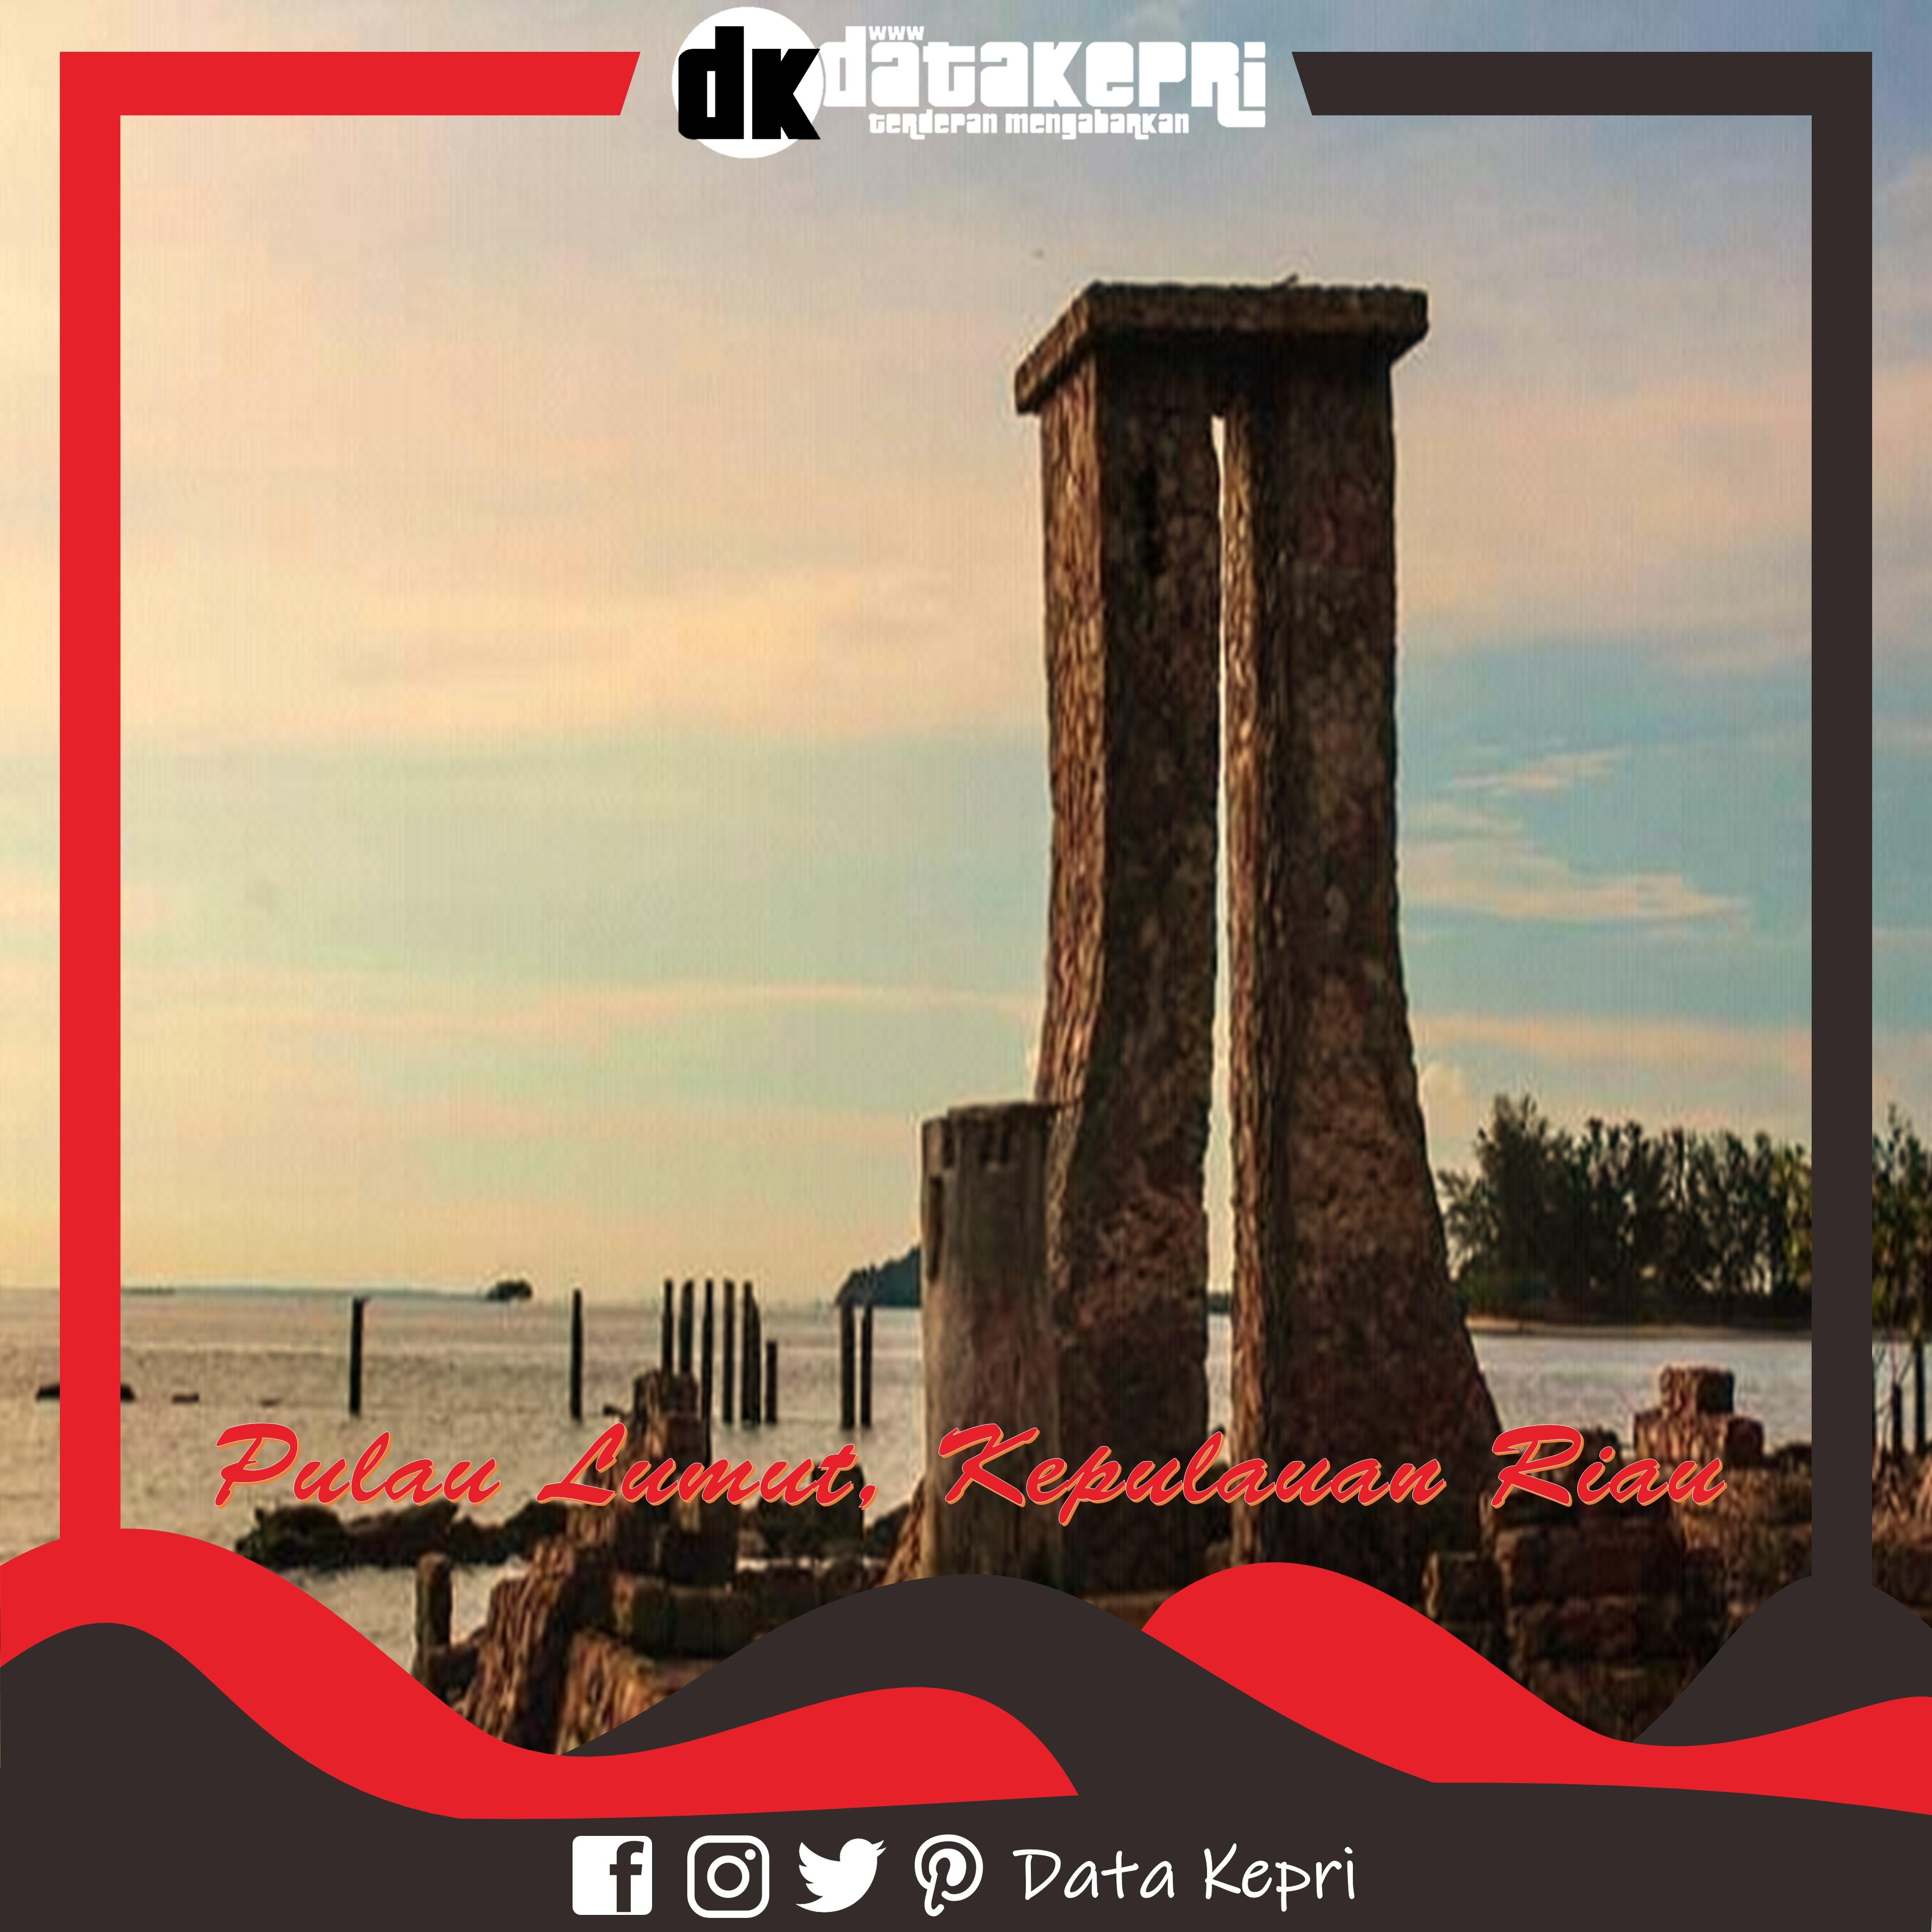 Surga Tersembunyi, Kekayaan Bahari, Pulau Lumut Kepulauan Riau